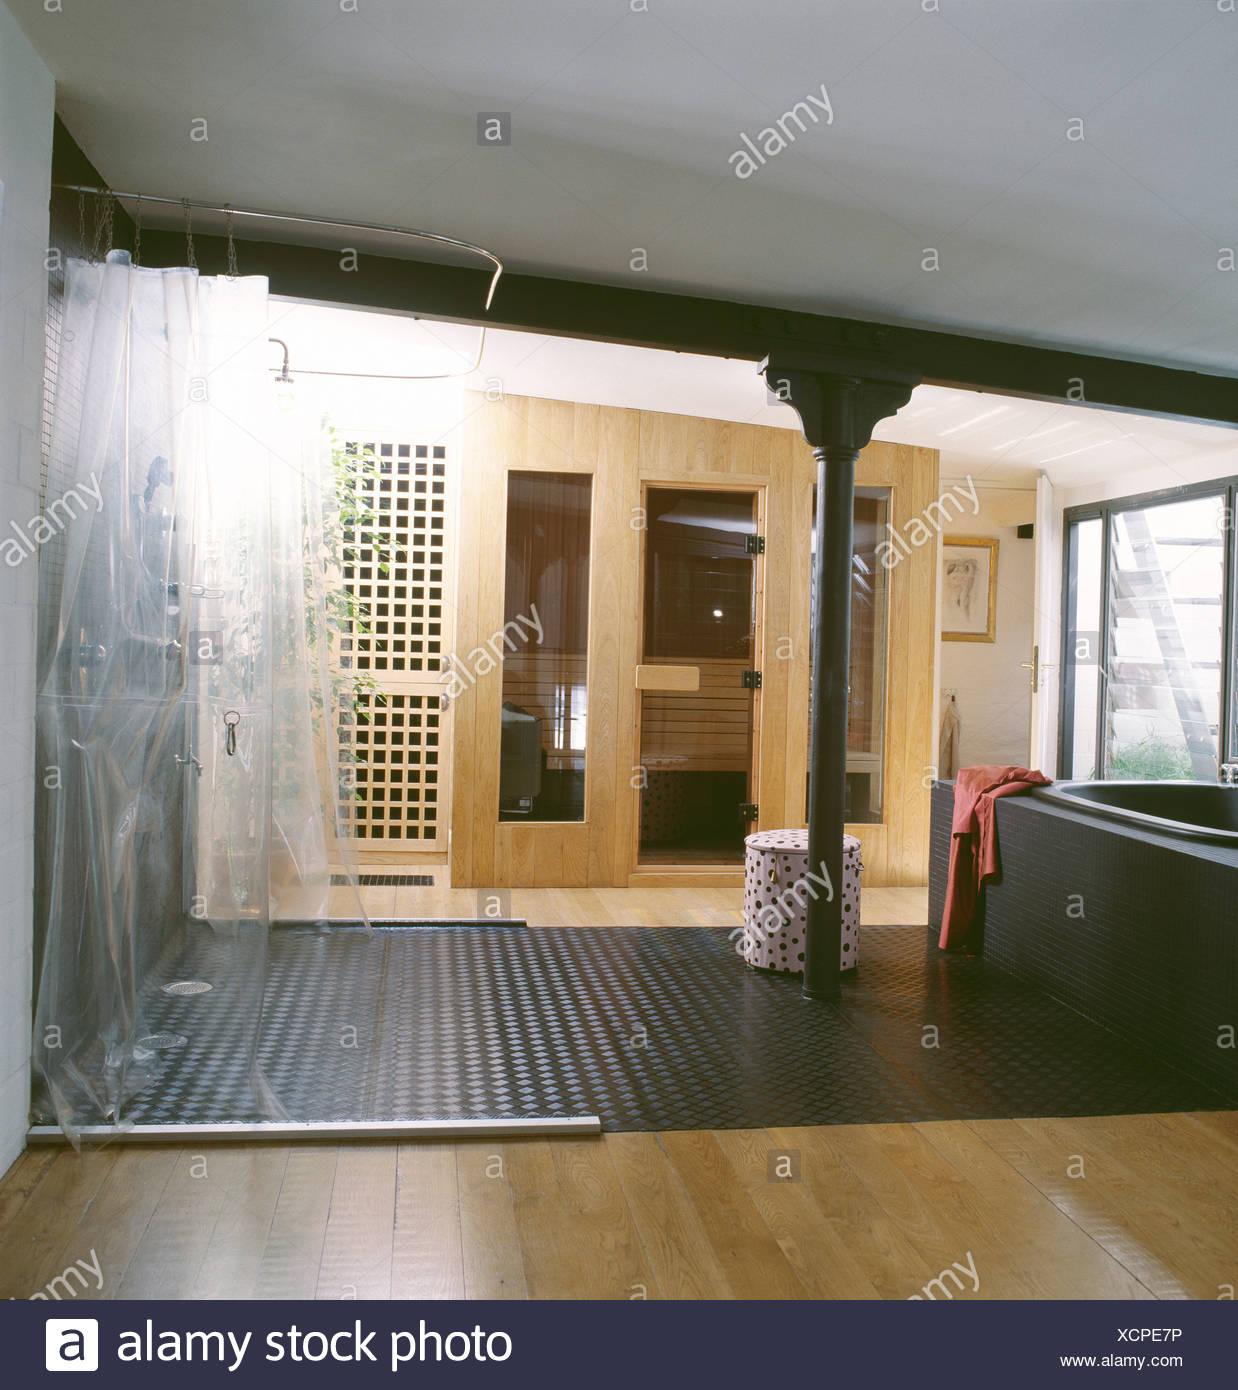 Dieses Loft-Apartment in Berlin hat großes Badezimmer mit gefliesten ...